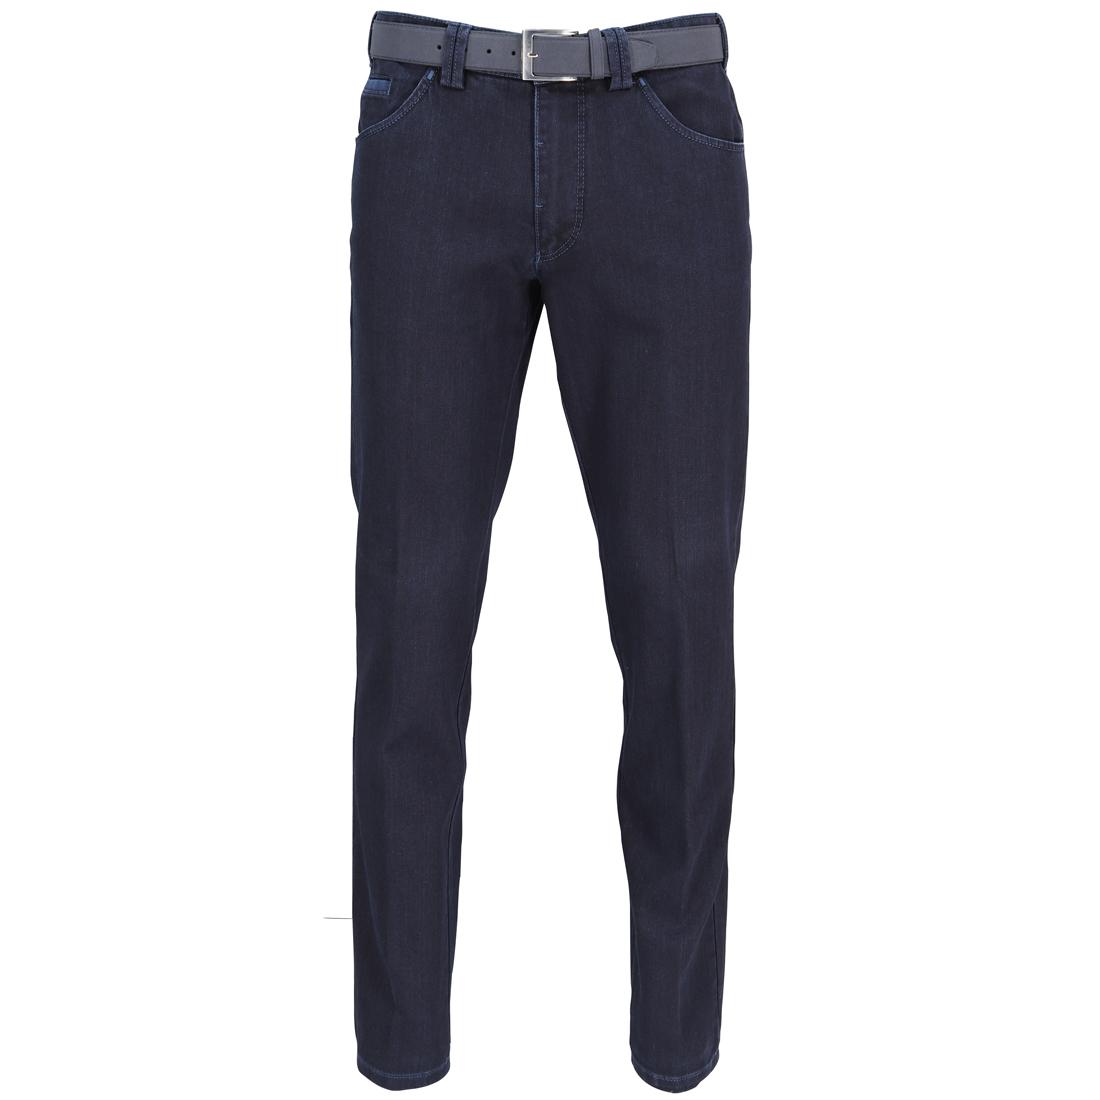 Meyer Hosen jeans Dublin 1272454200 in het Donker Blauw